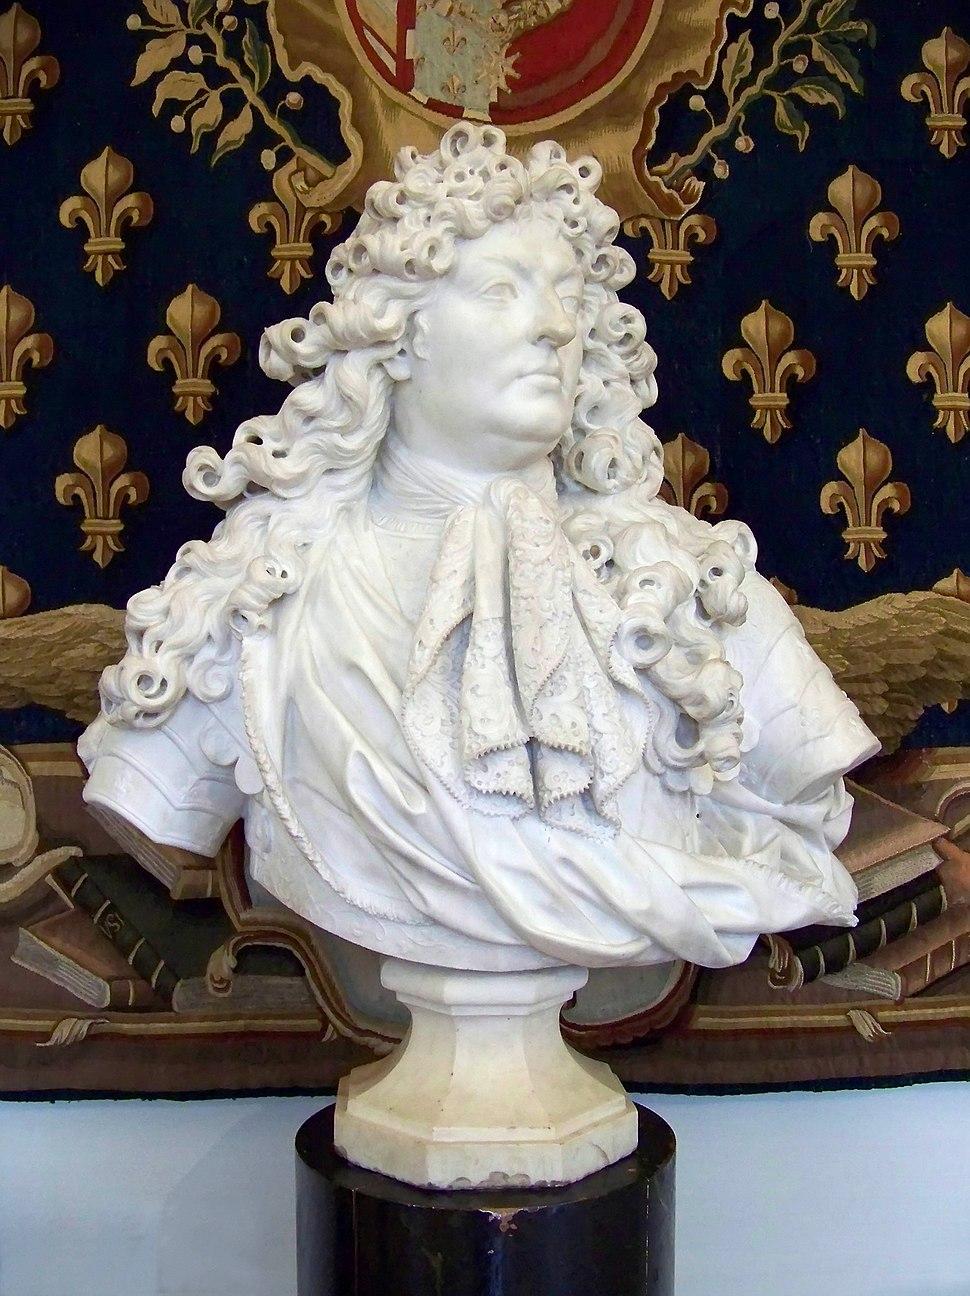 Musée des Beaux-Arts de Dijon - Louis XIV 1